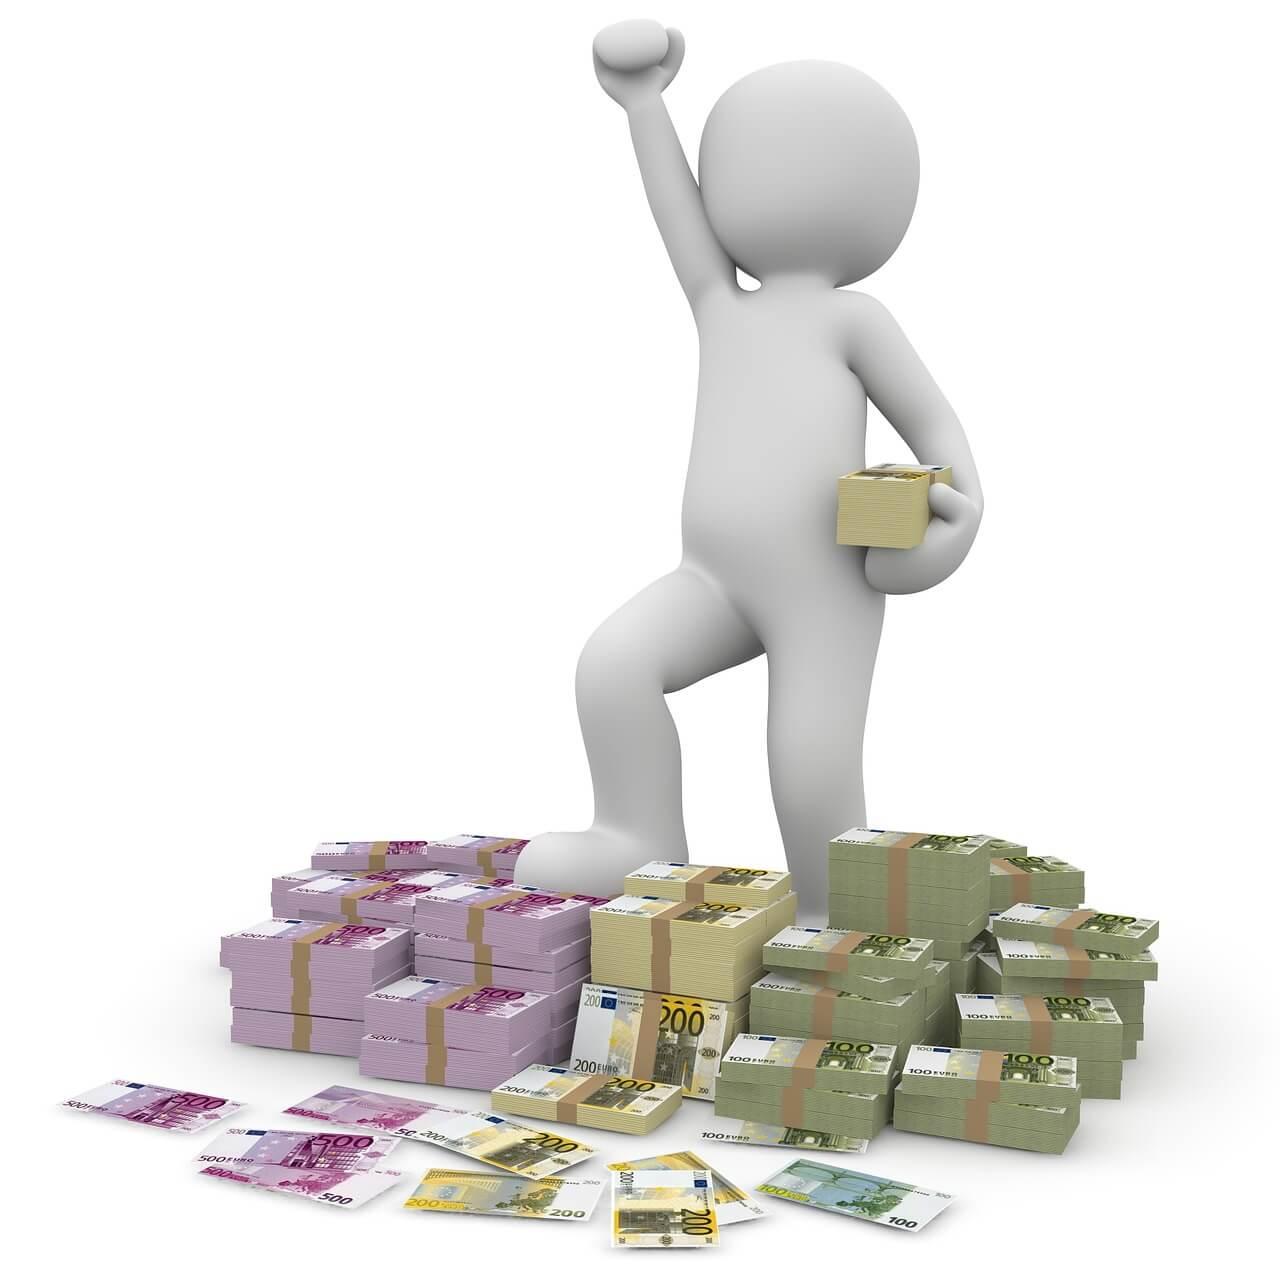 超長期投資するために、短期的な売買を実施